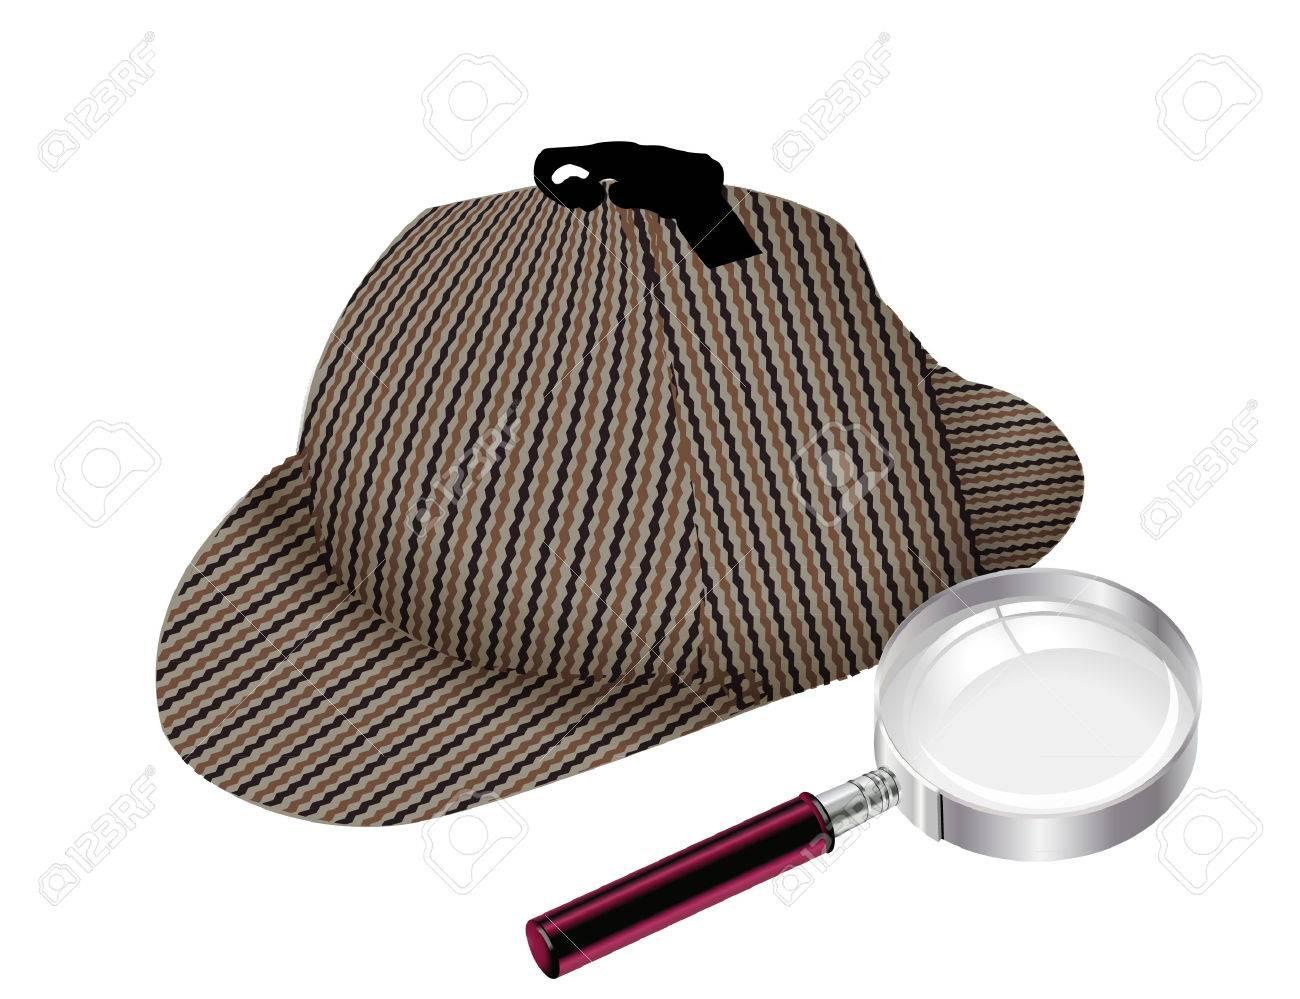 detektiv-HUT UND GLAS